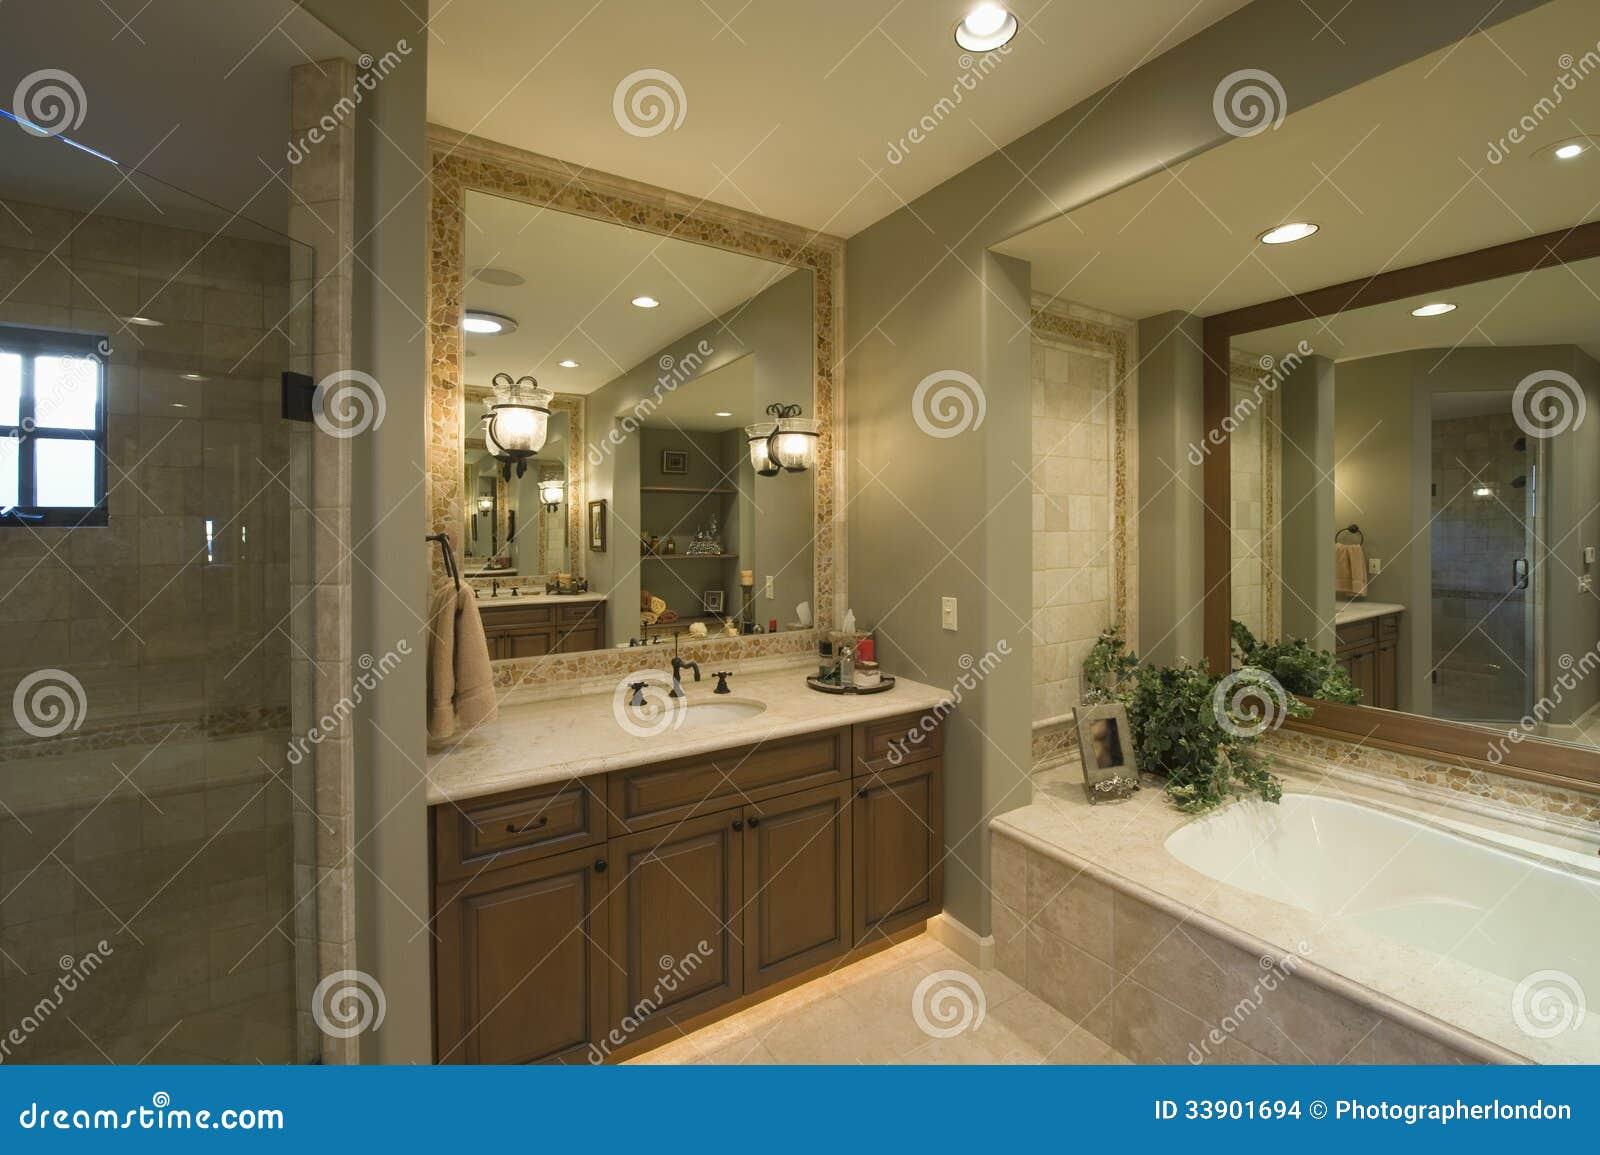 Vierkante Spiegel Bij Wasbak Door Badkuip In Badkamers Stock Afbeeldingen  A # Wasbak Spiegel_194739